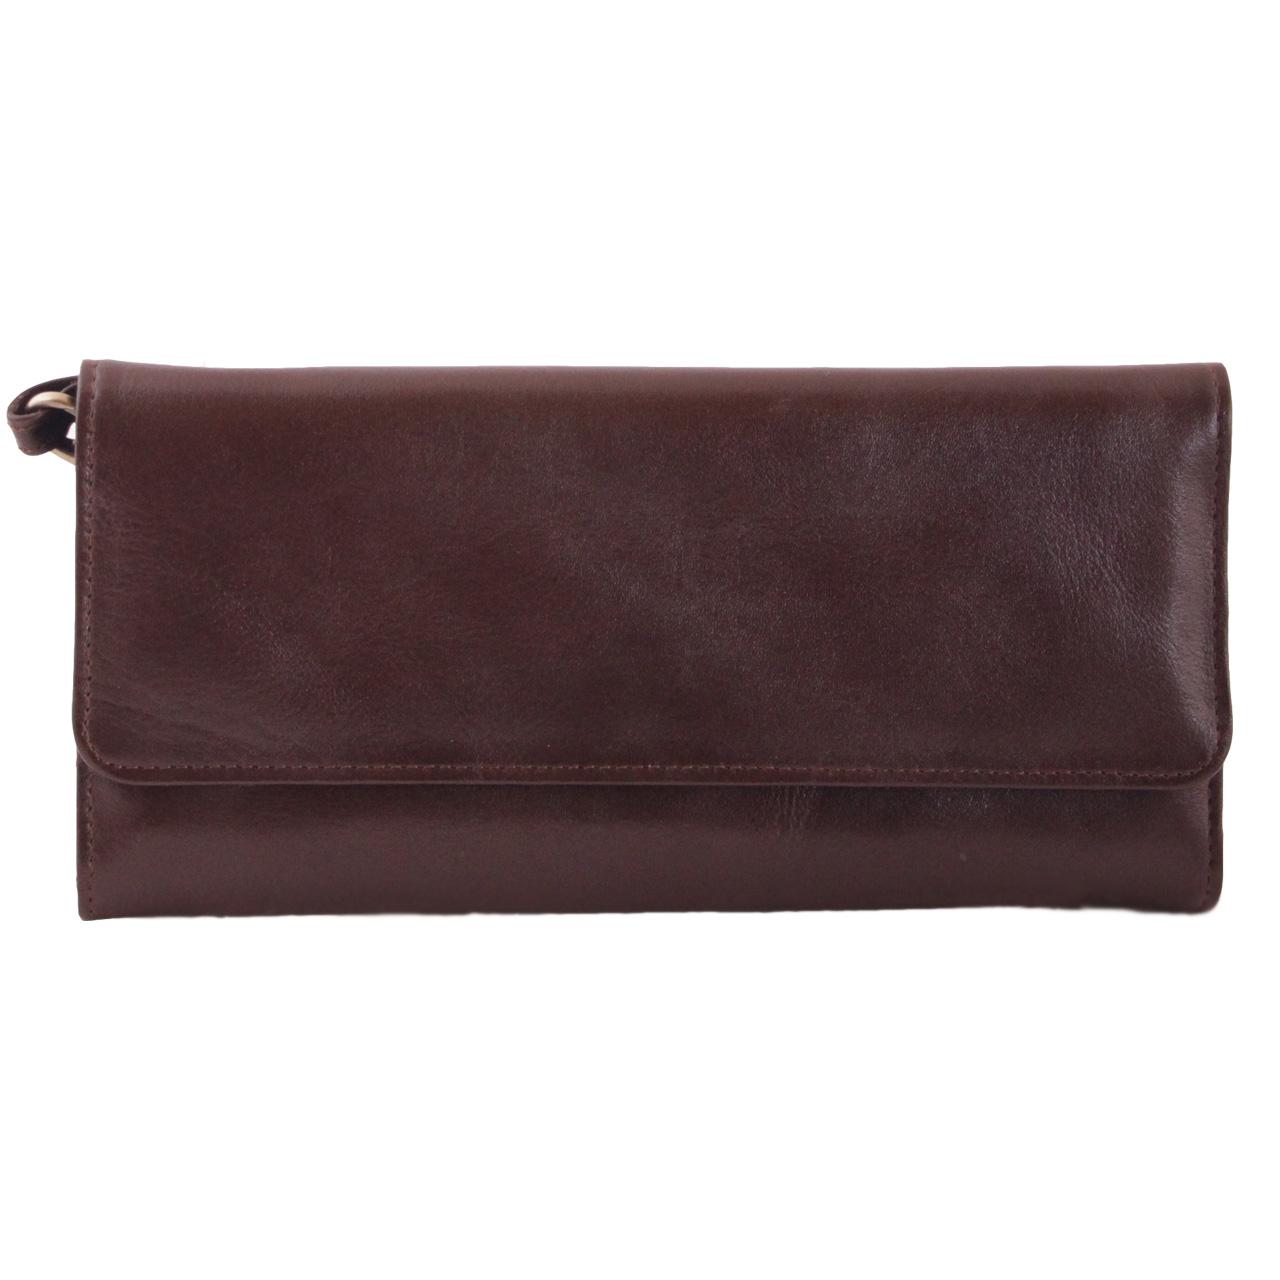 کیف دستی چرم طبیعی آدین چرم مدل DG4